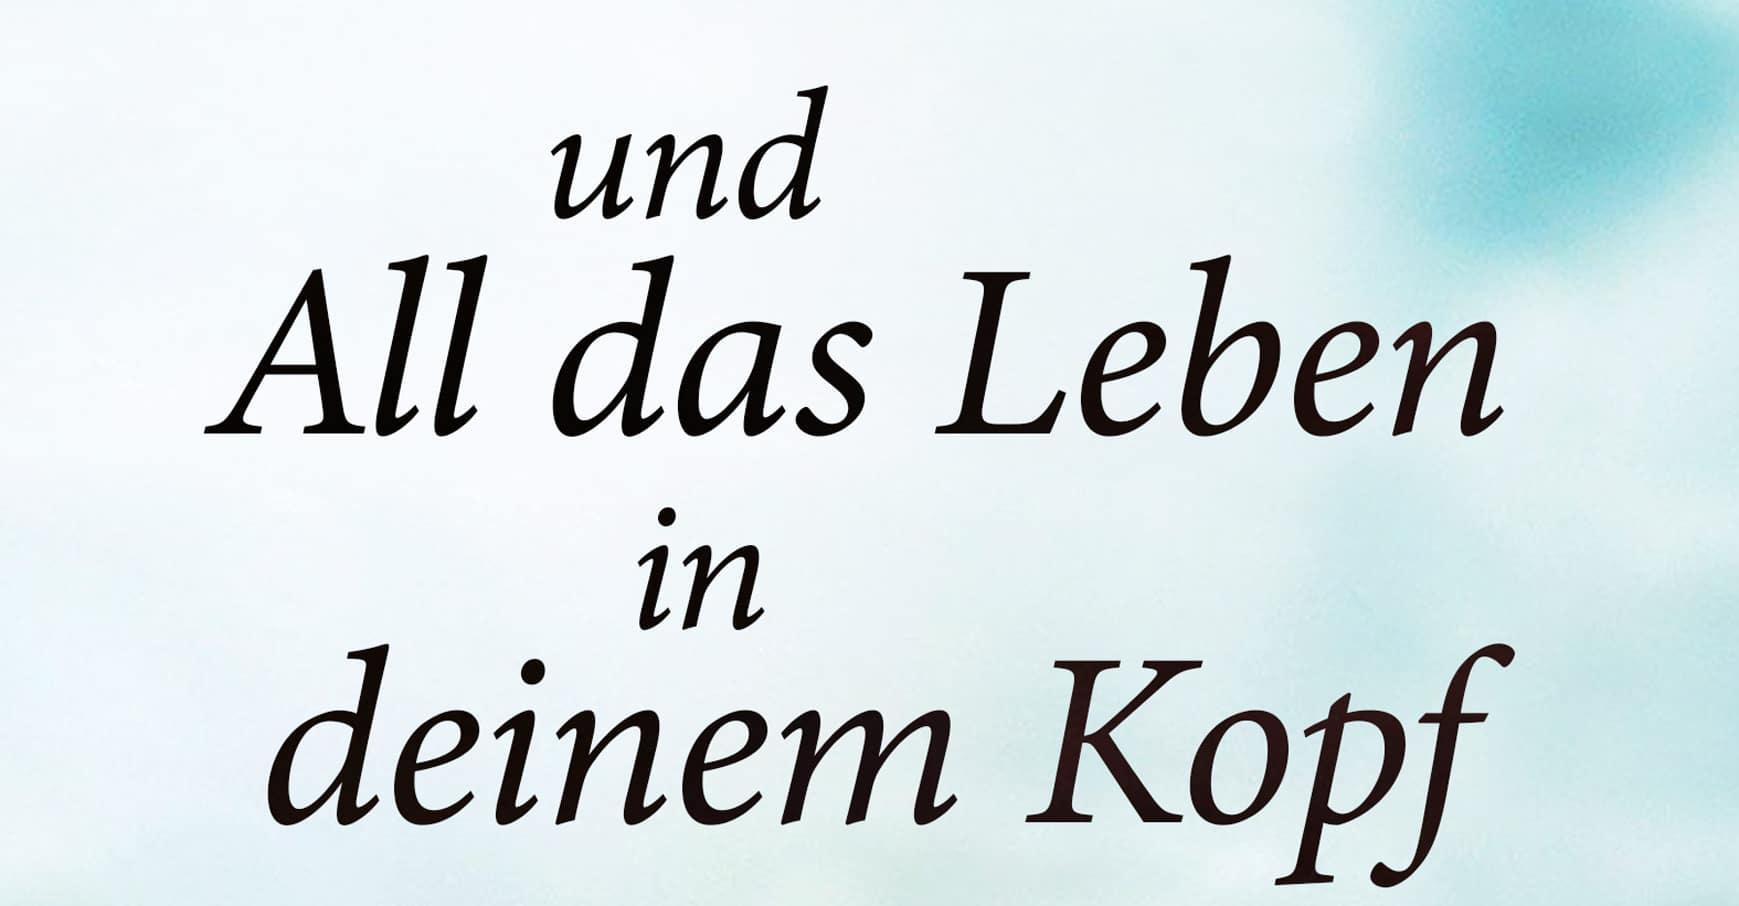 Klein-Ebook-Und-All-das-Leben-in-deinem-Kopf-01-CK